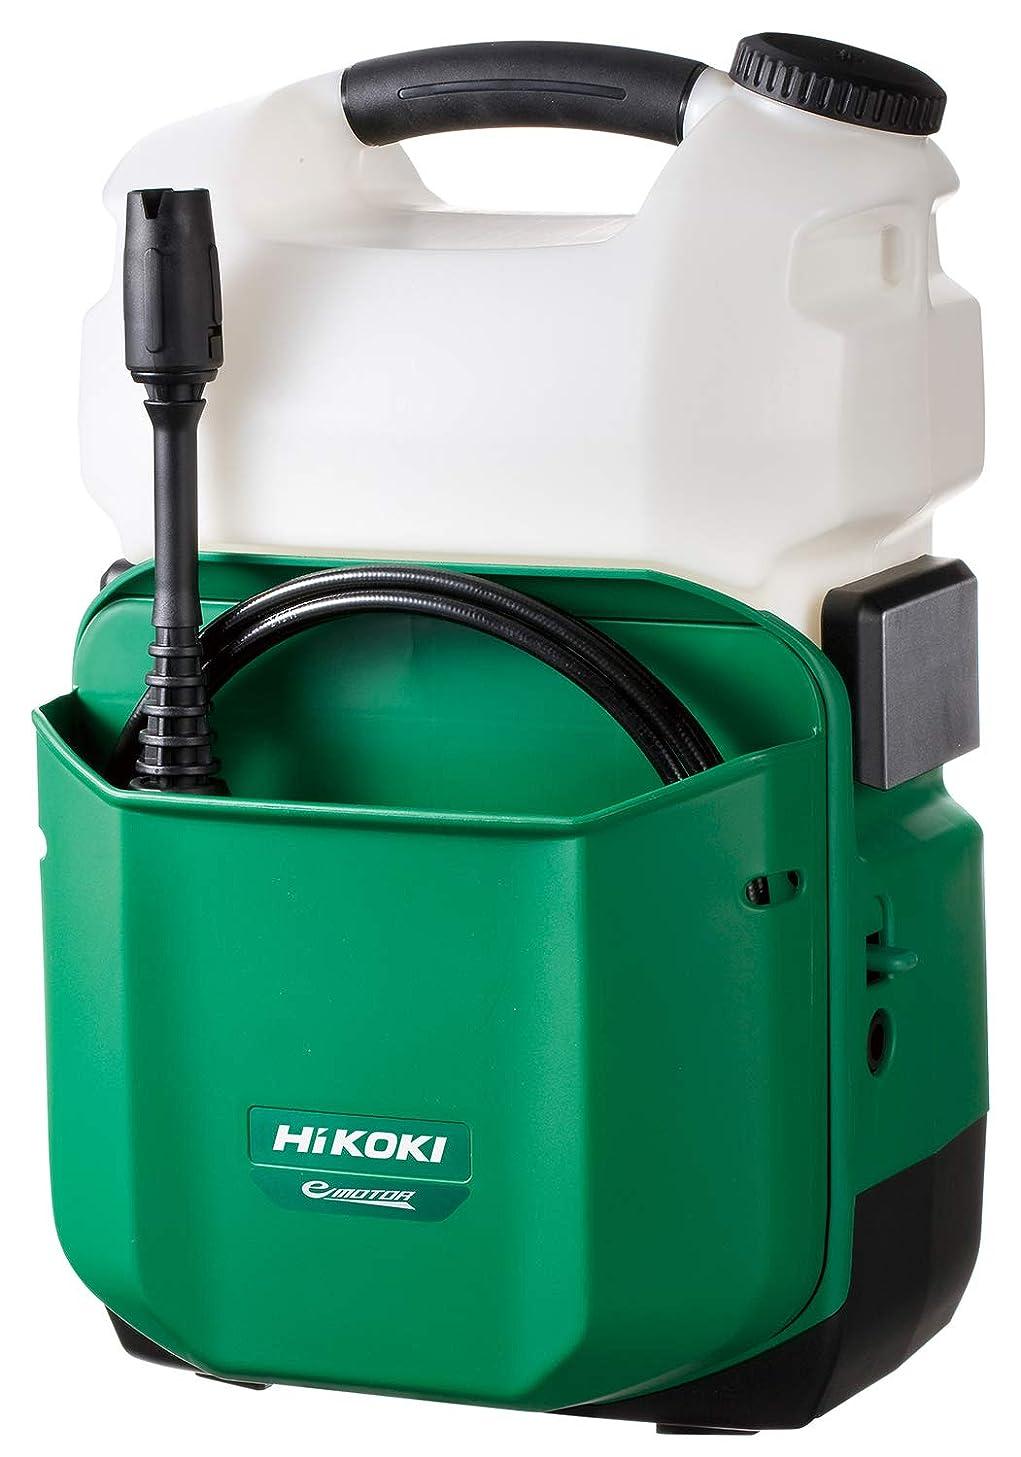 引退した安全な経験的HiKOKI(ハイコーキ)旧日立工機 18V コードレス高圧洗浄機 充電式 6.0Ahリチウムイオン電池、急速充電器付 AW18DBL(LYP)